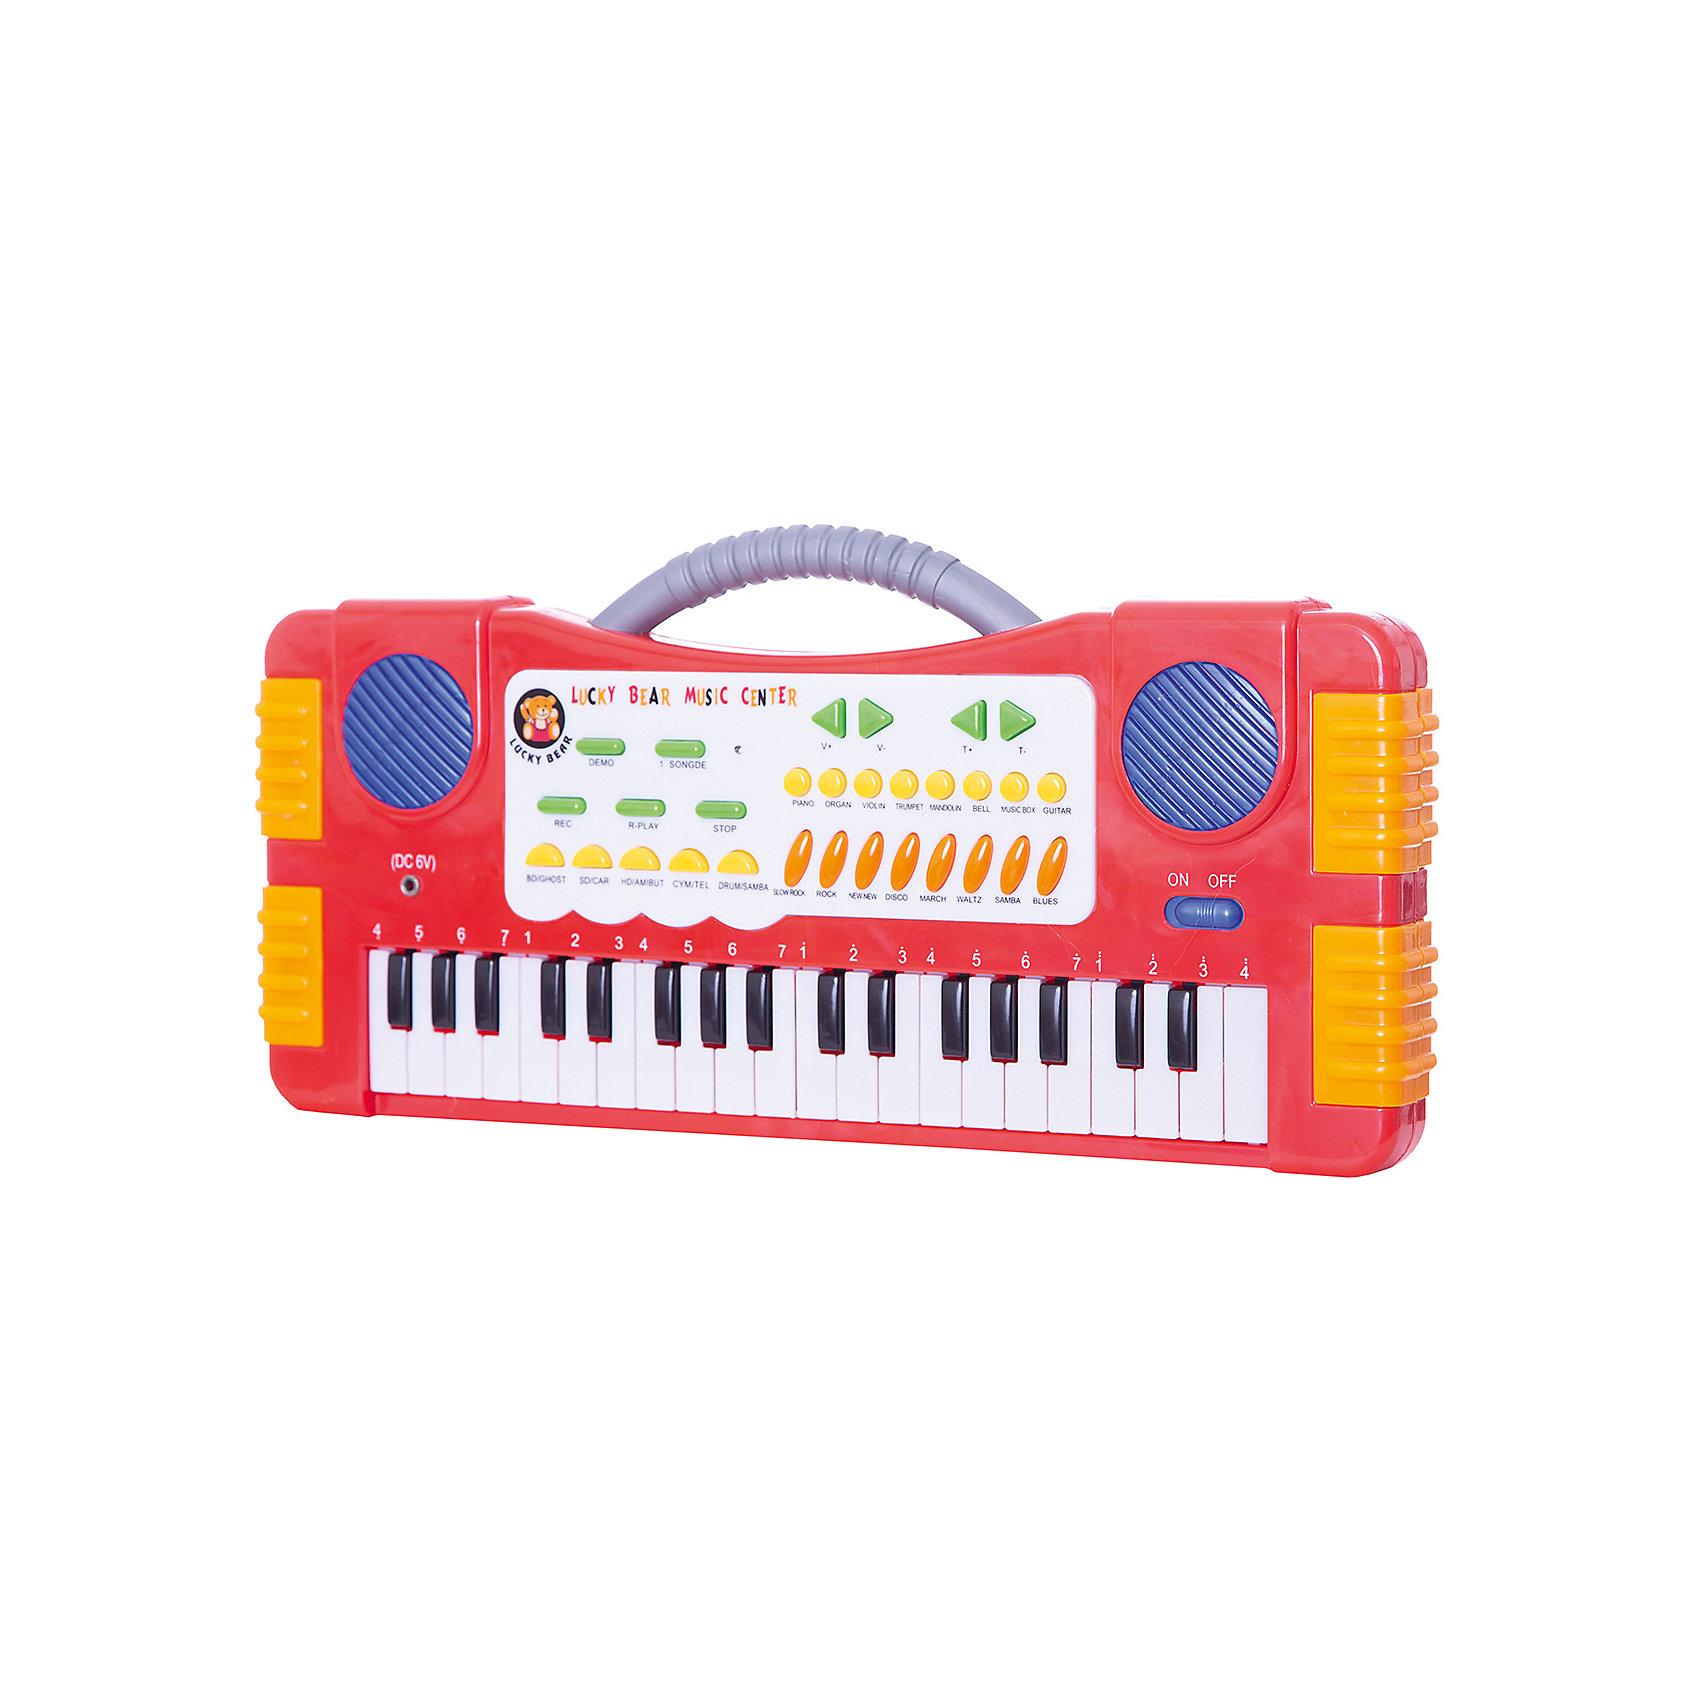 - Синтезатор детский, 37 клавиш,  DoReMi музыкальный инструмент детский doremi синтезатор 37 клавиш 80 см